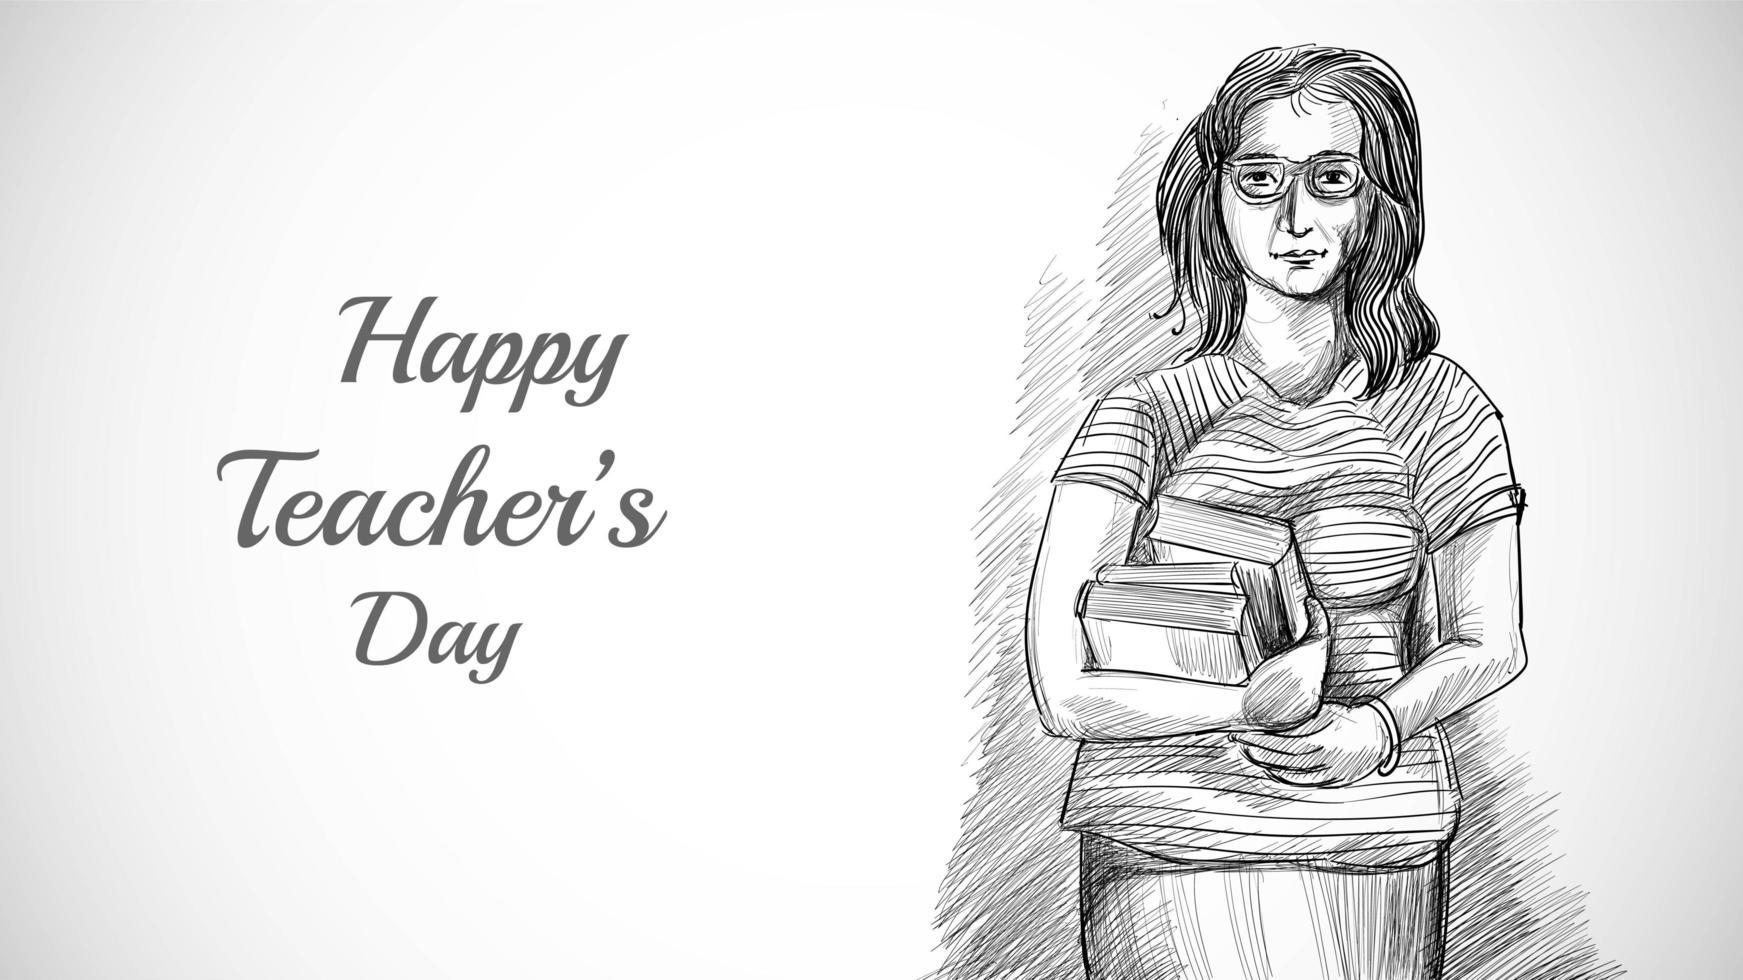 bosquejo de arte dibujado a mano bonita maestra con día del maestro vector